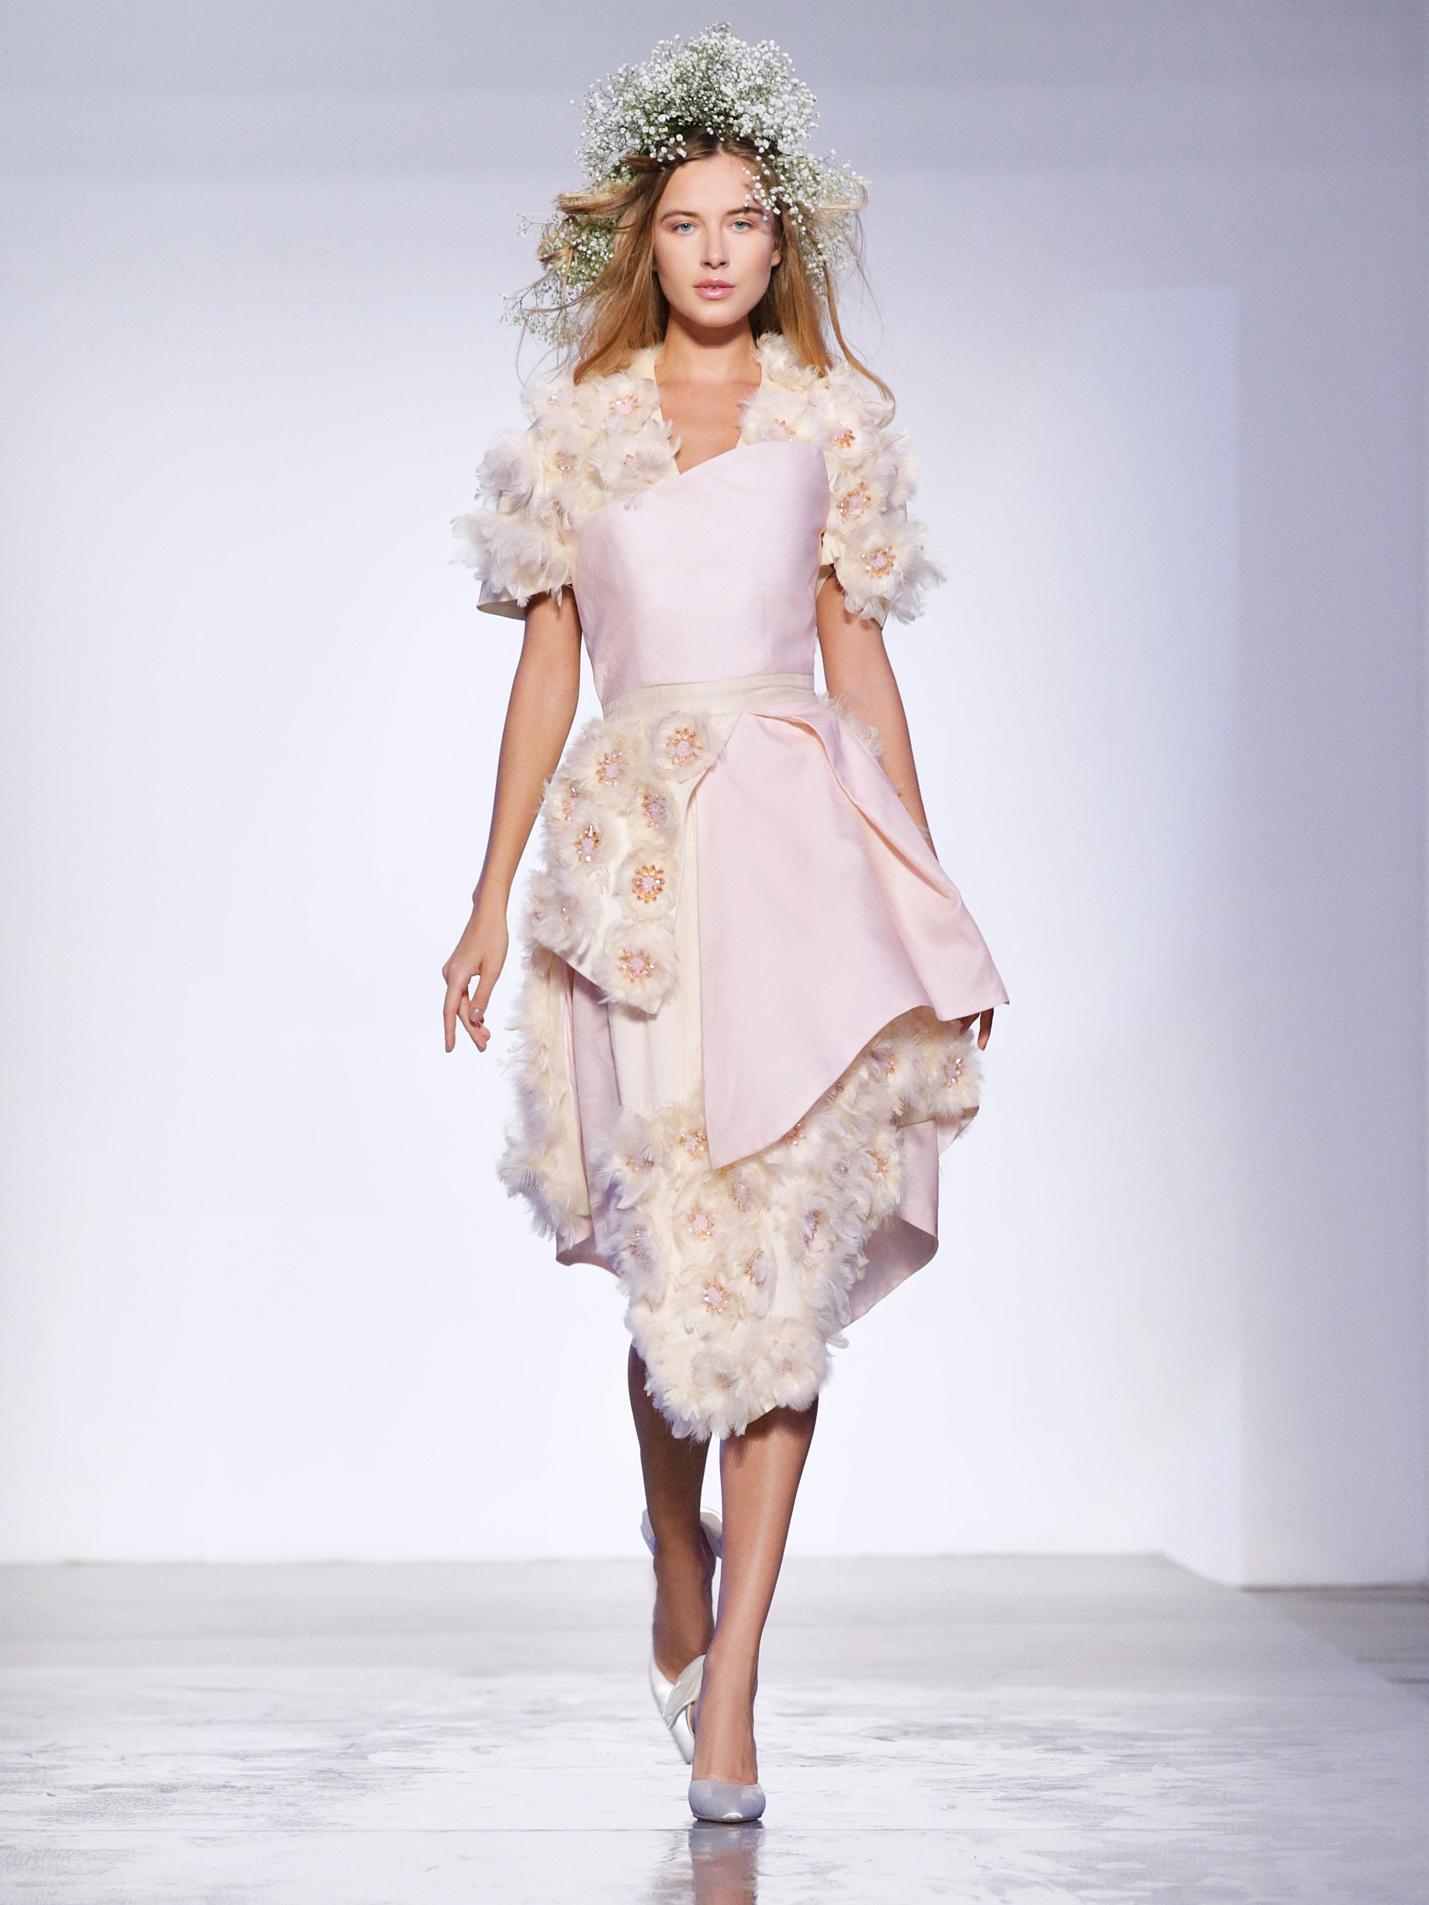 Năm 2017, PHUONG MY lần đầu công phá tuần lễ thời trang Dubai Fashion Week và để lại ấn tượng cực kỳ tốt đẹp đối với giới mộ điệu thời trang trong và ngoài nước.